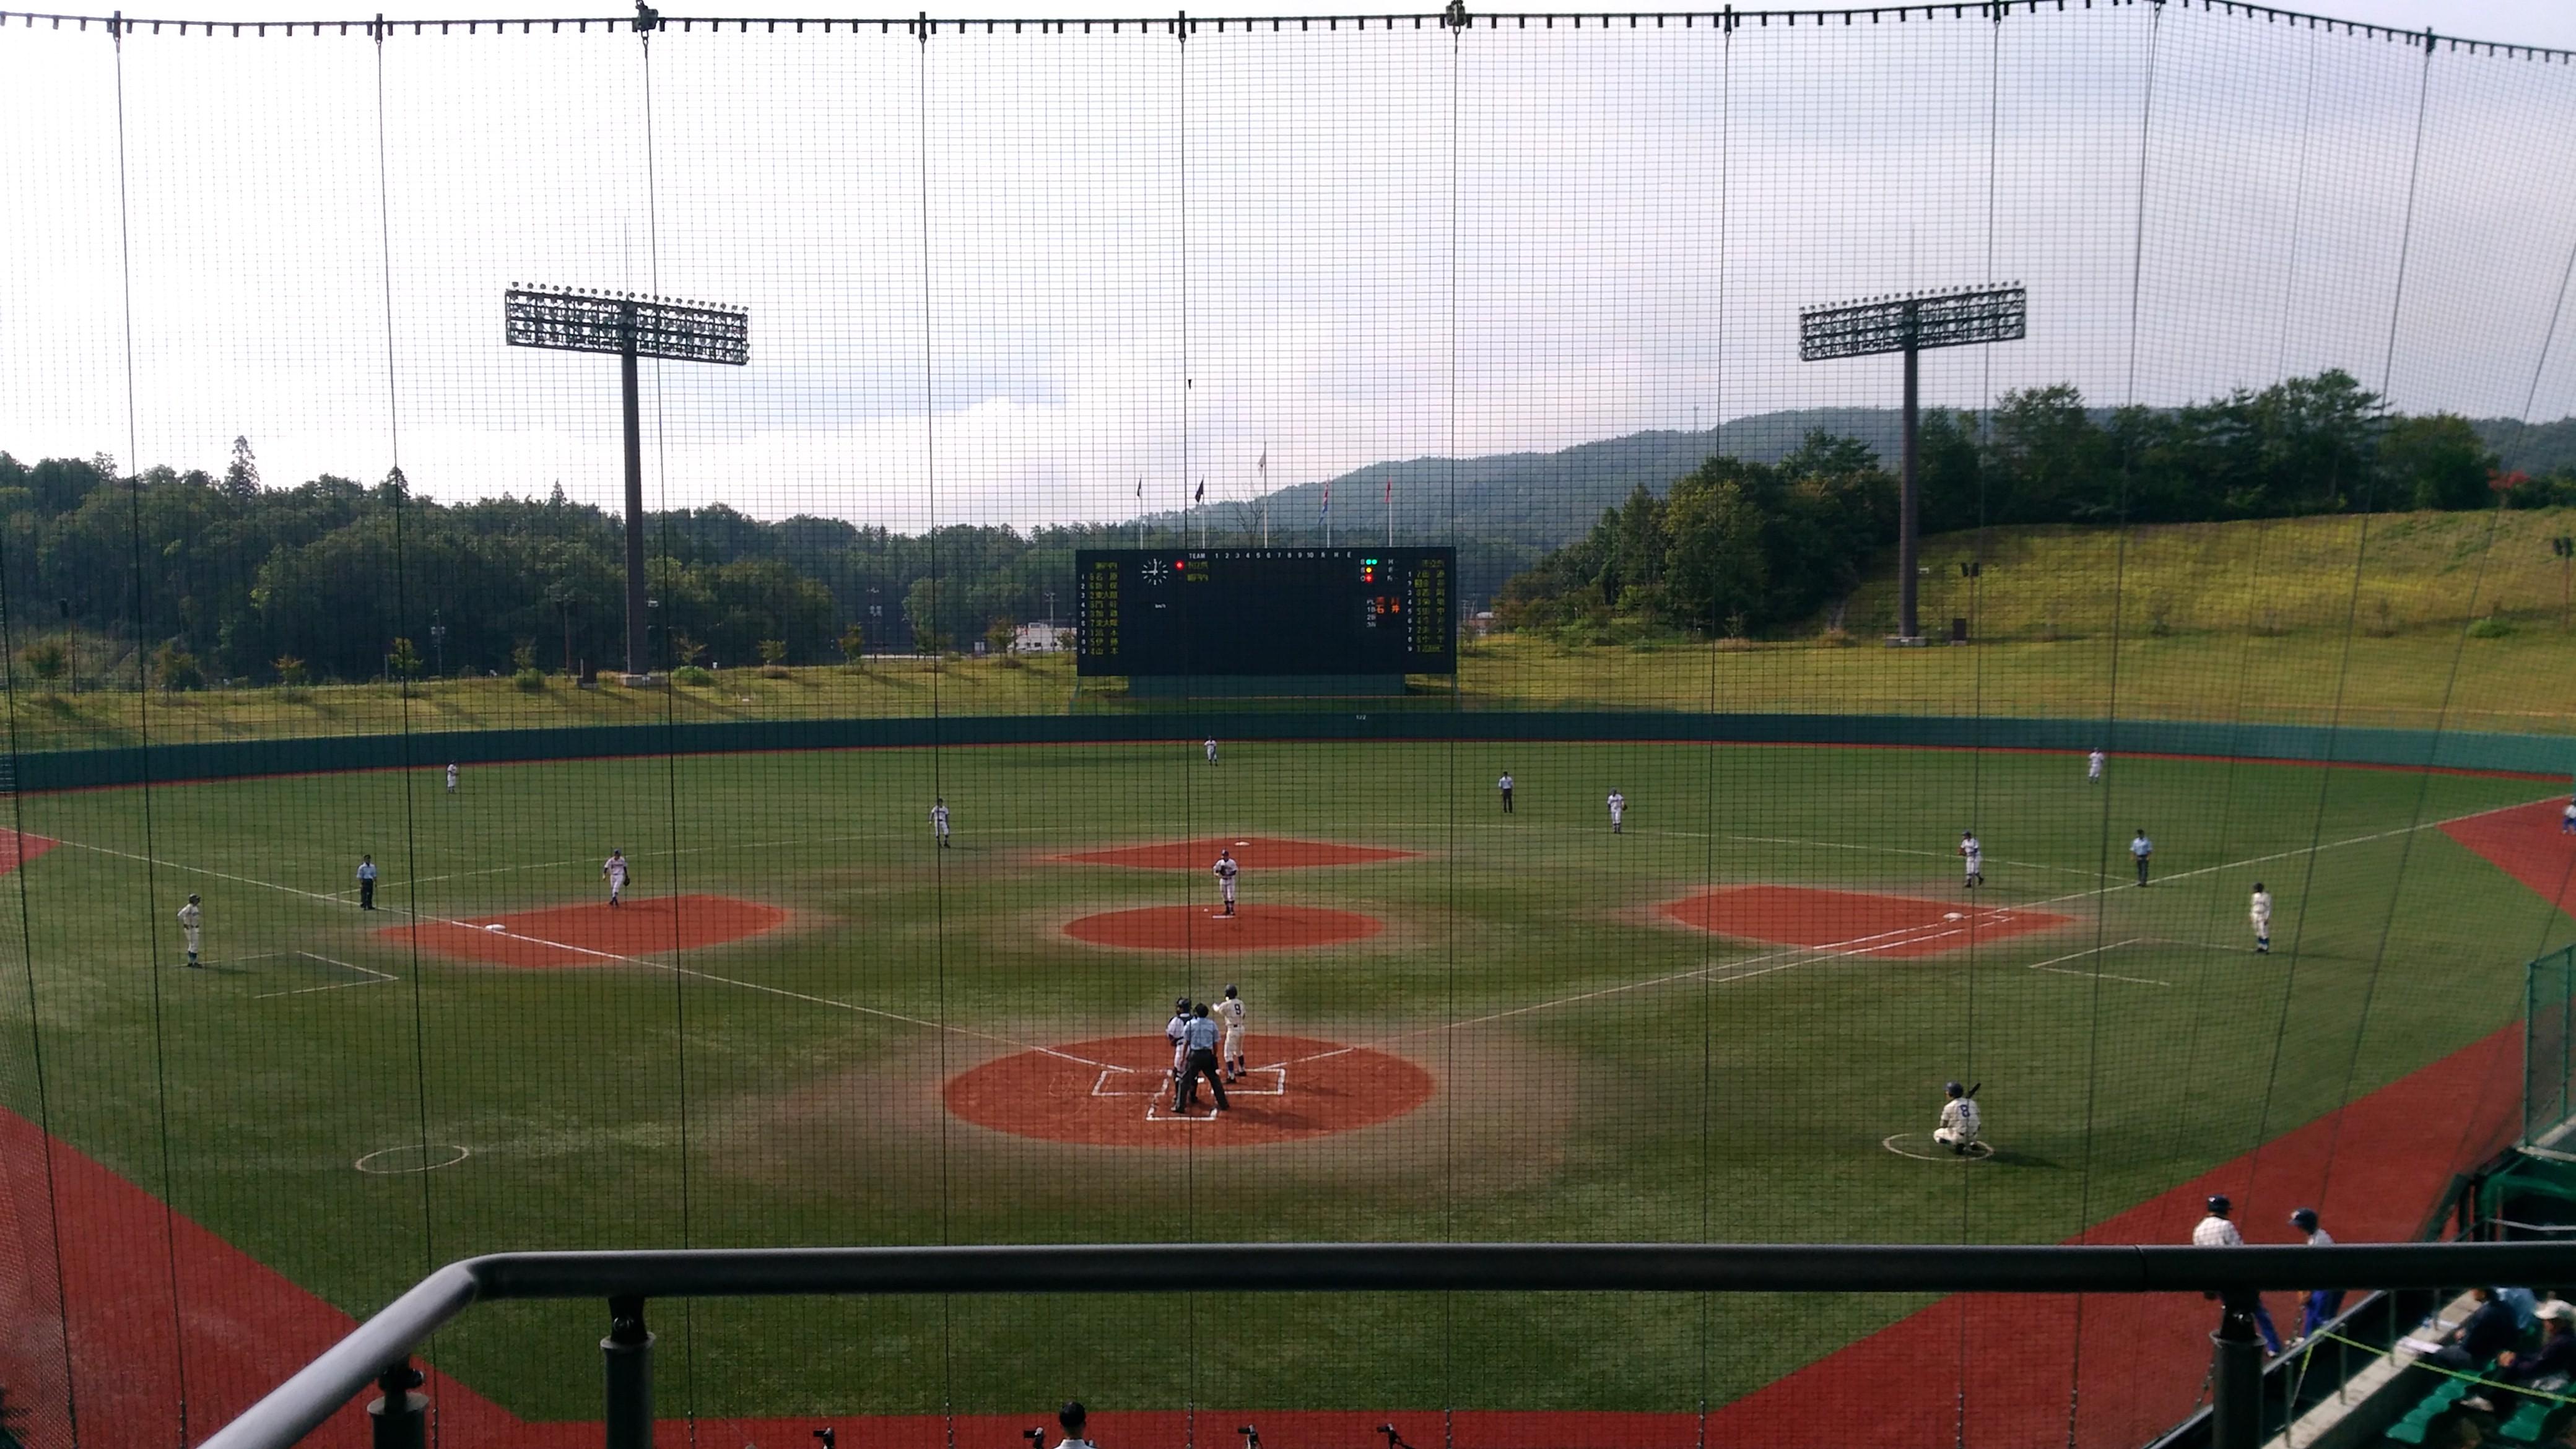 人工芝の綺麗な【三次きんさいスタジアム】で開催された「秋の高校野球」広島県大会も観に行きました!